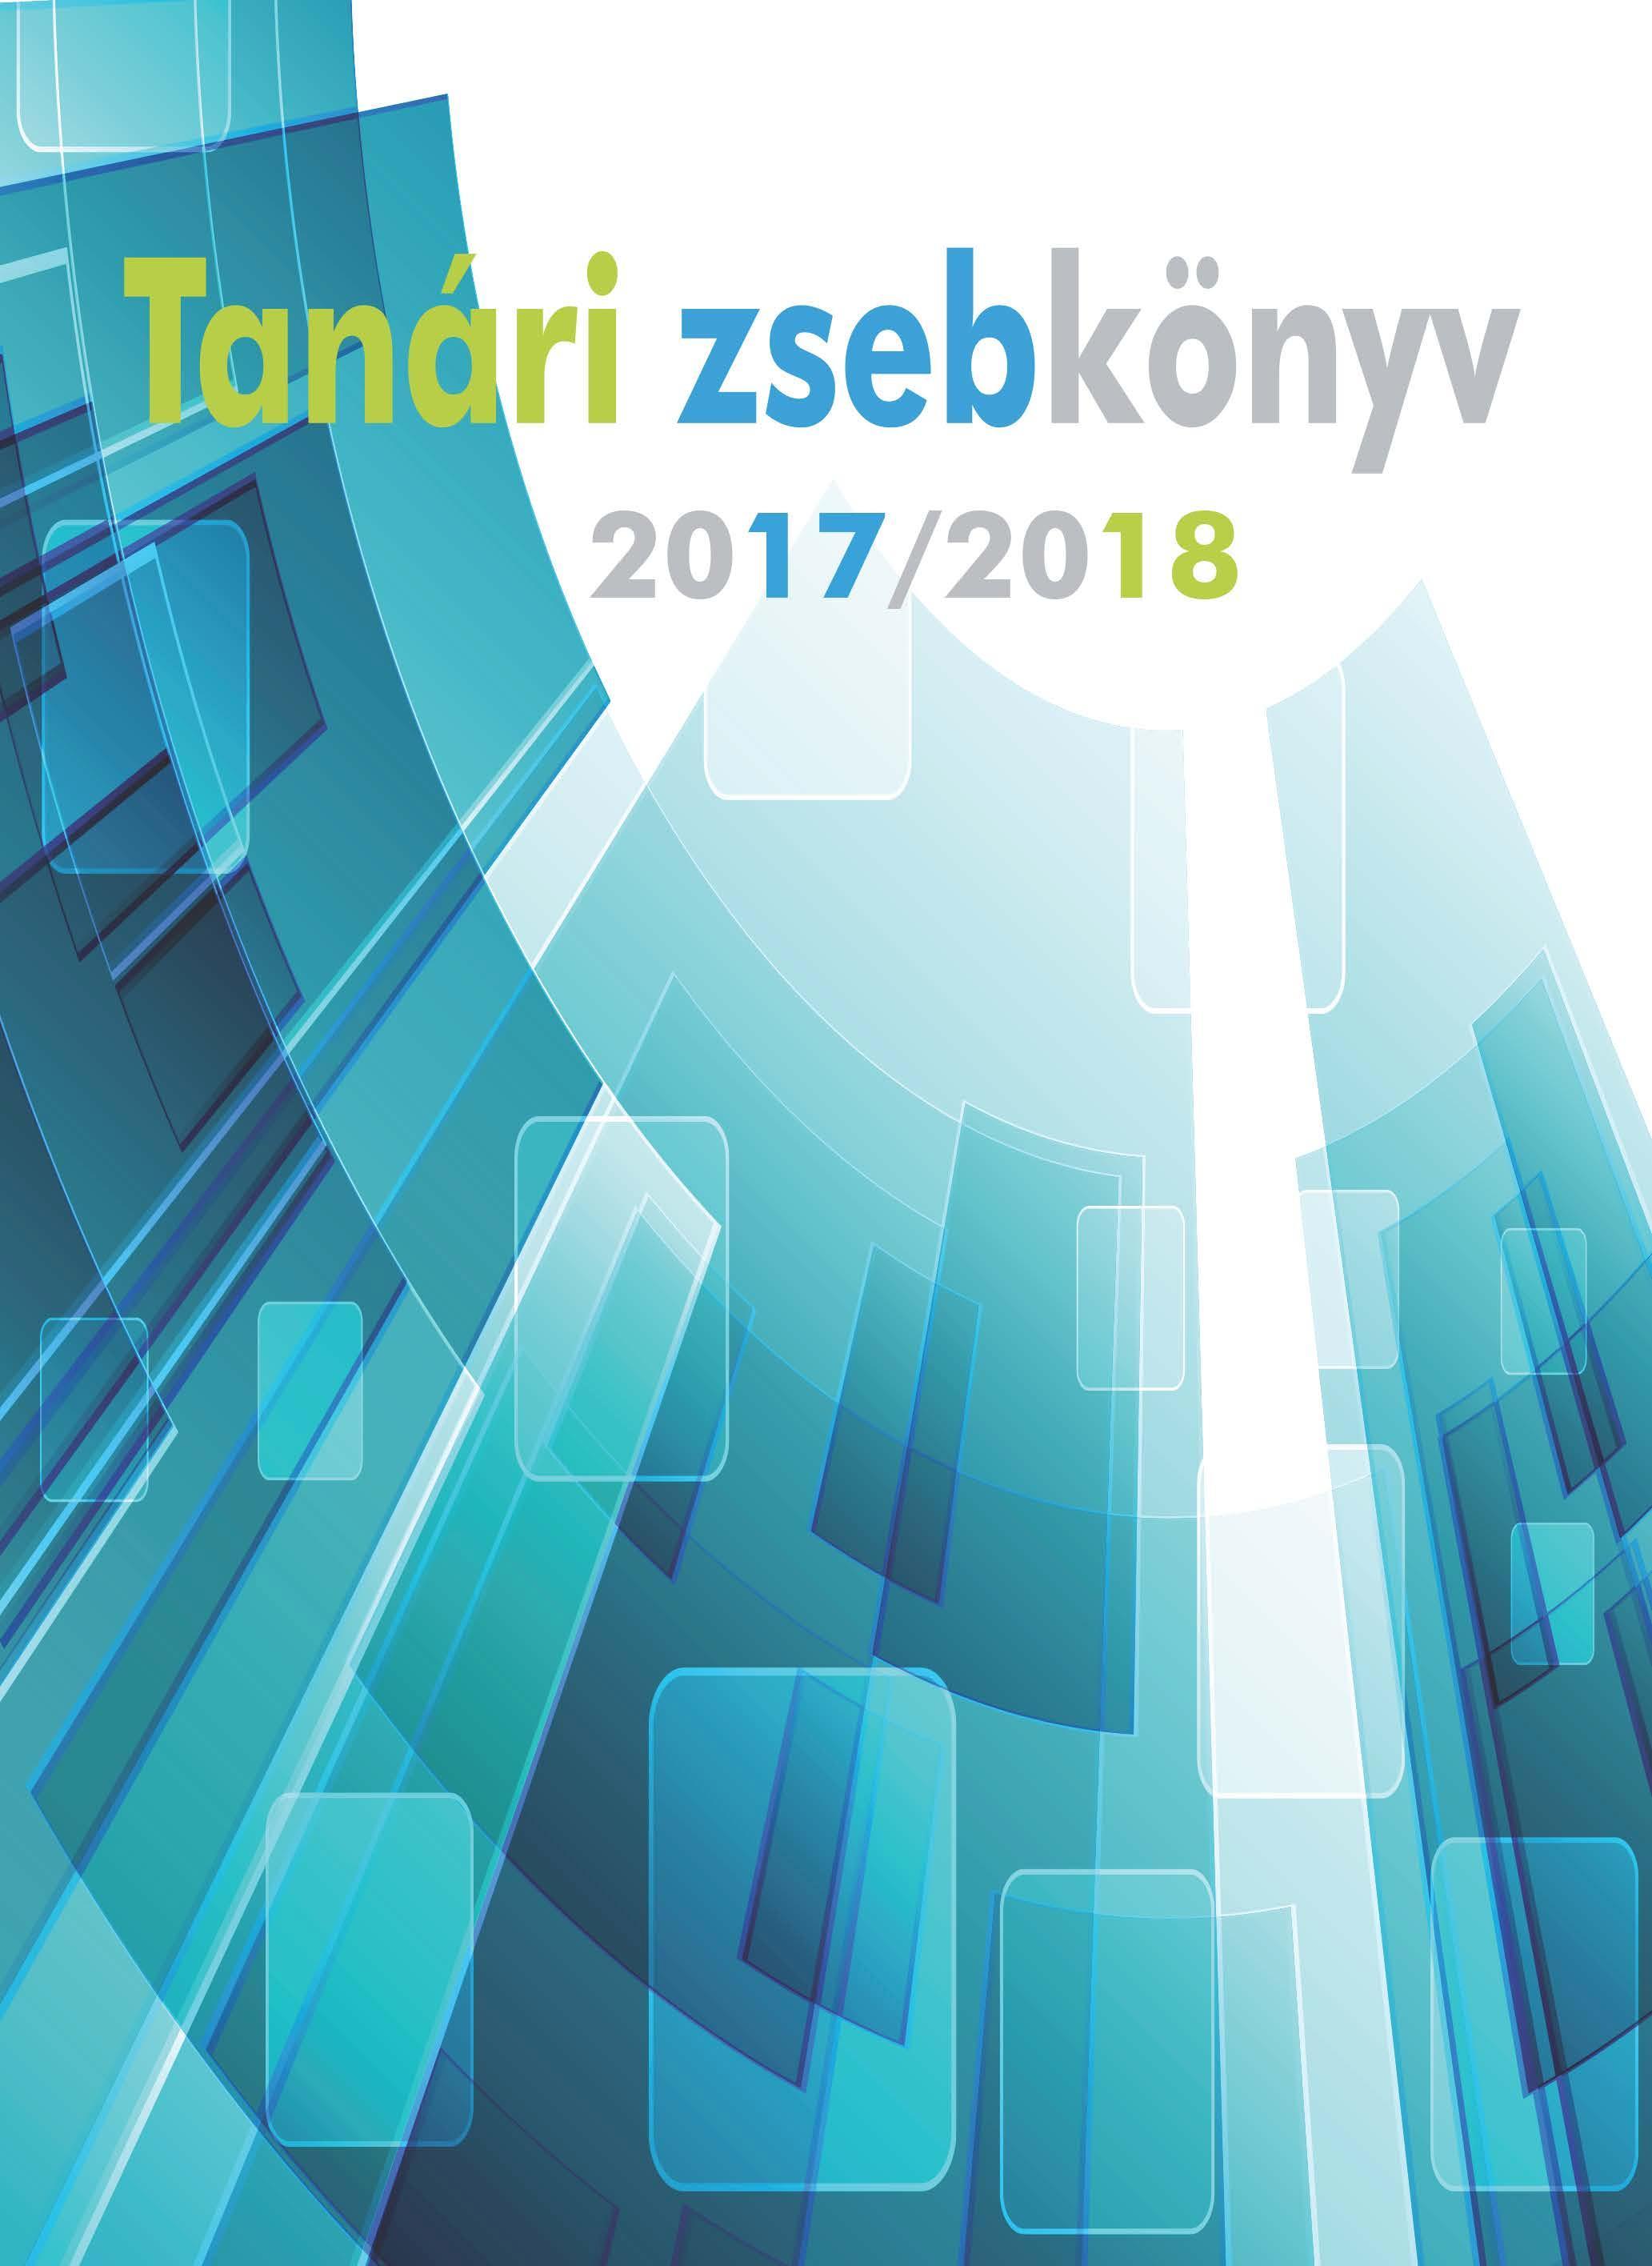 TANÁRI ZSEBKÖNYV 2017/2018 - ÜVEGPALOTA